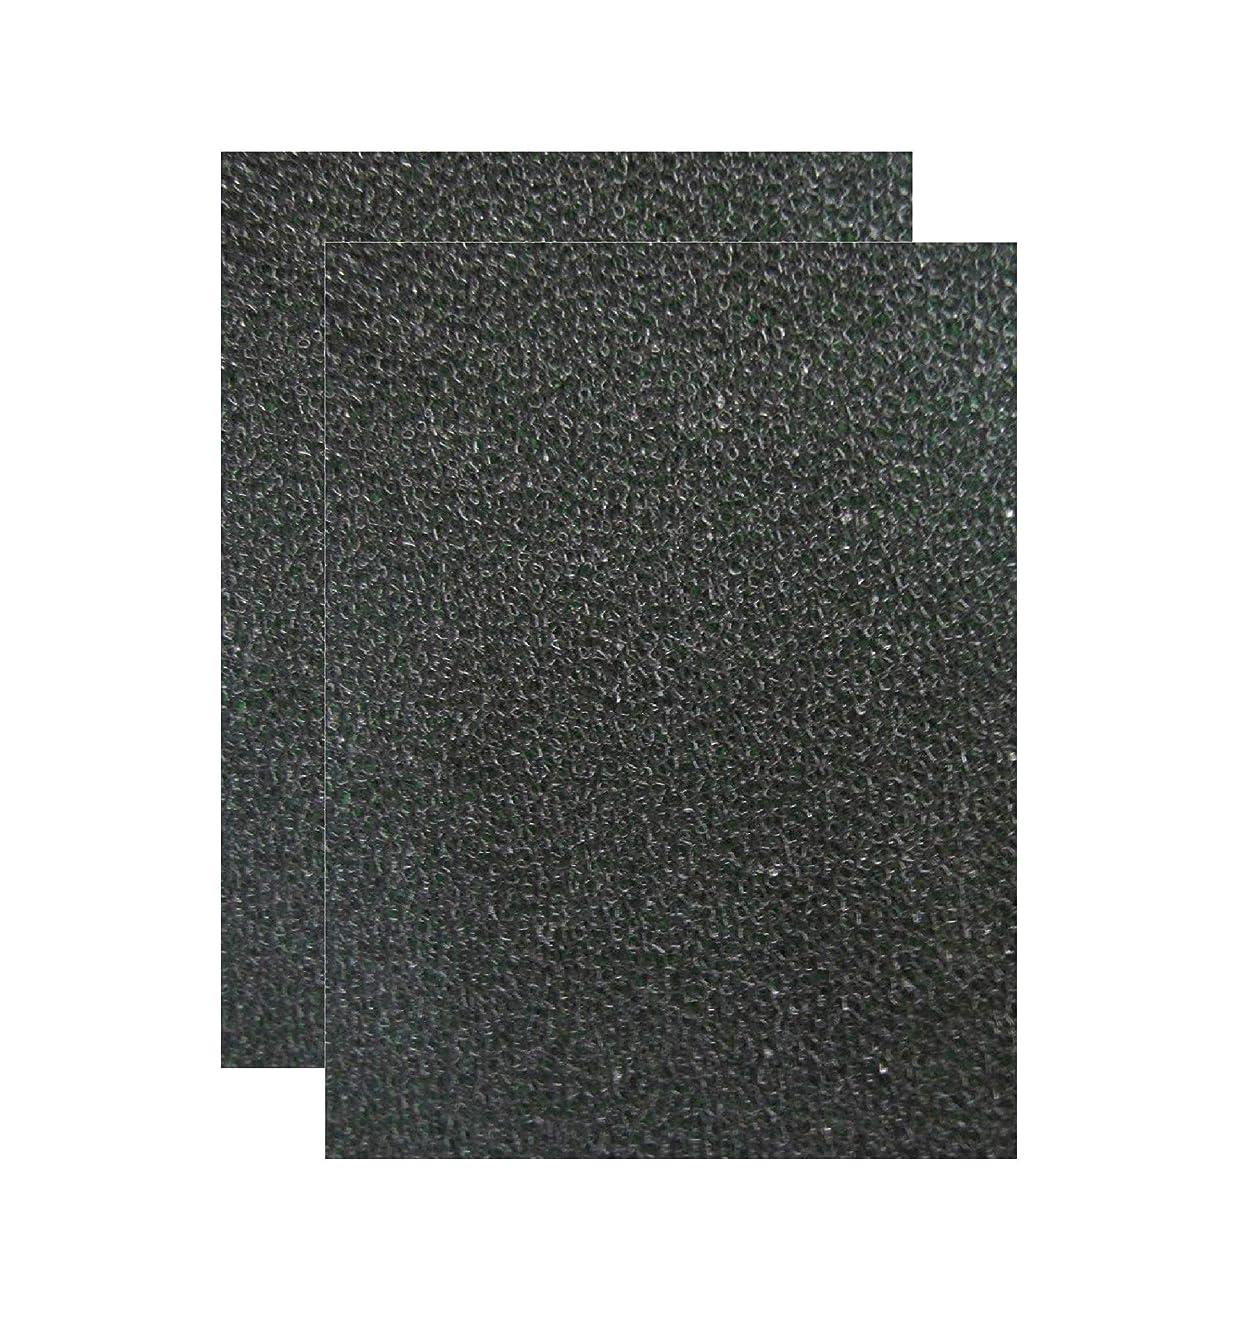 Mobile Home Furnace Foam Door Filter - 16